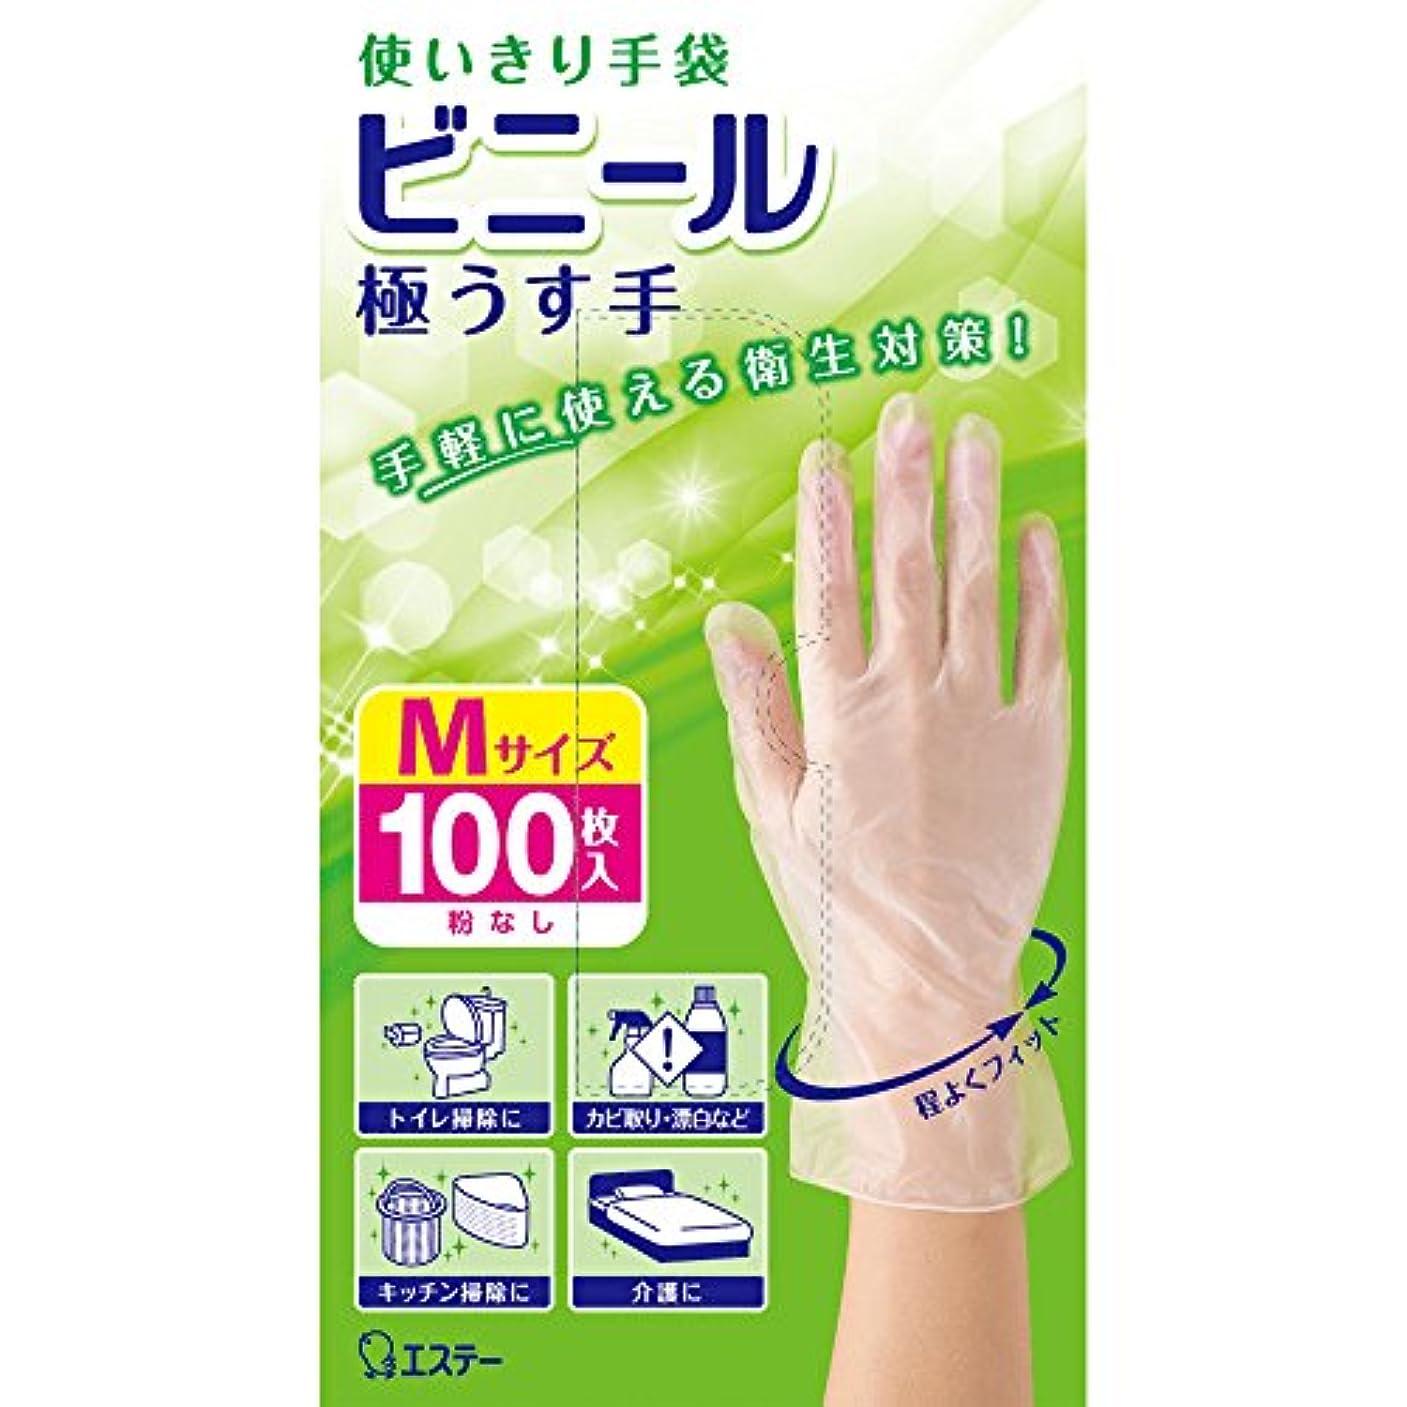 赤道謝罪韓国語使いきり手袋 ビニール 極うす手 掃除用 使い捨て Mサイズ 半透明 100枚